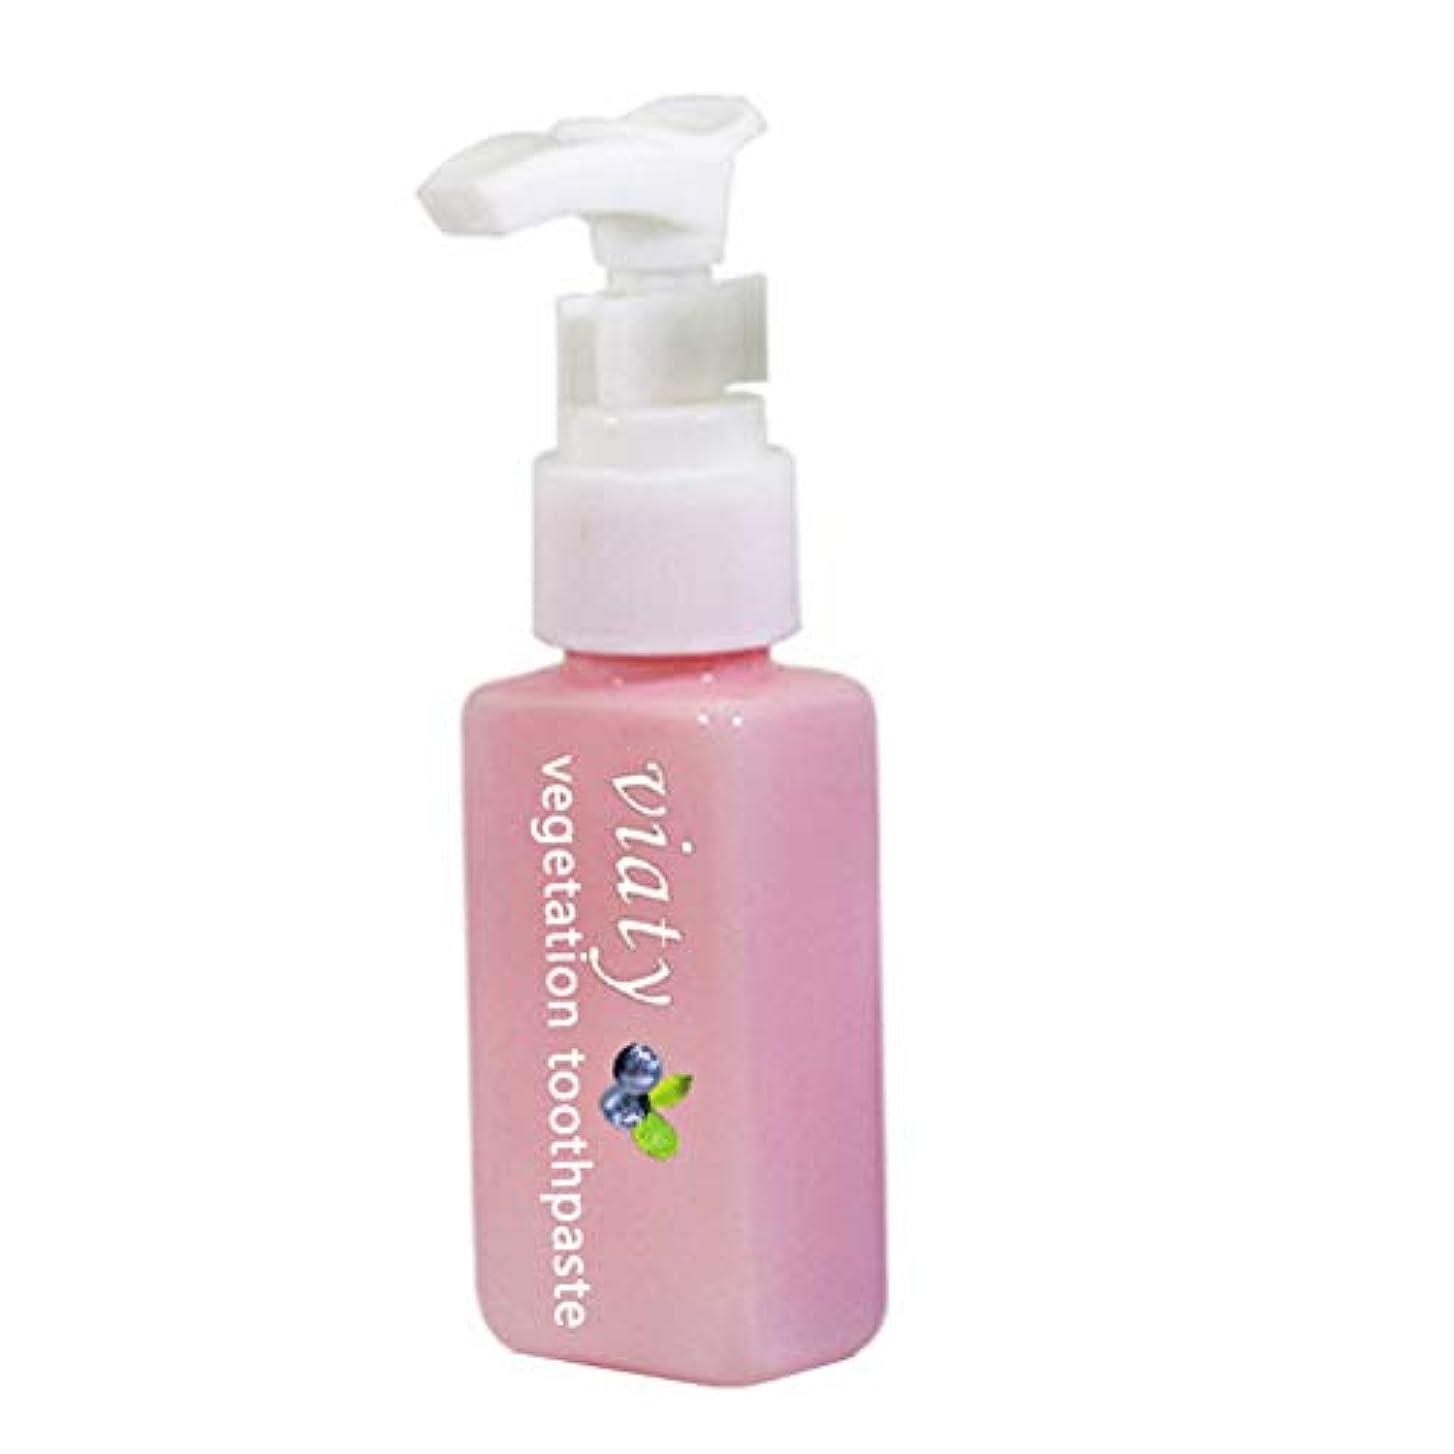 ひねり誘導傾くProfeel歯磨き粉アンチブリードガムプレスタイプ新鮮な歯磨き粉を白くする汚れ除去剤